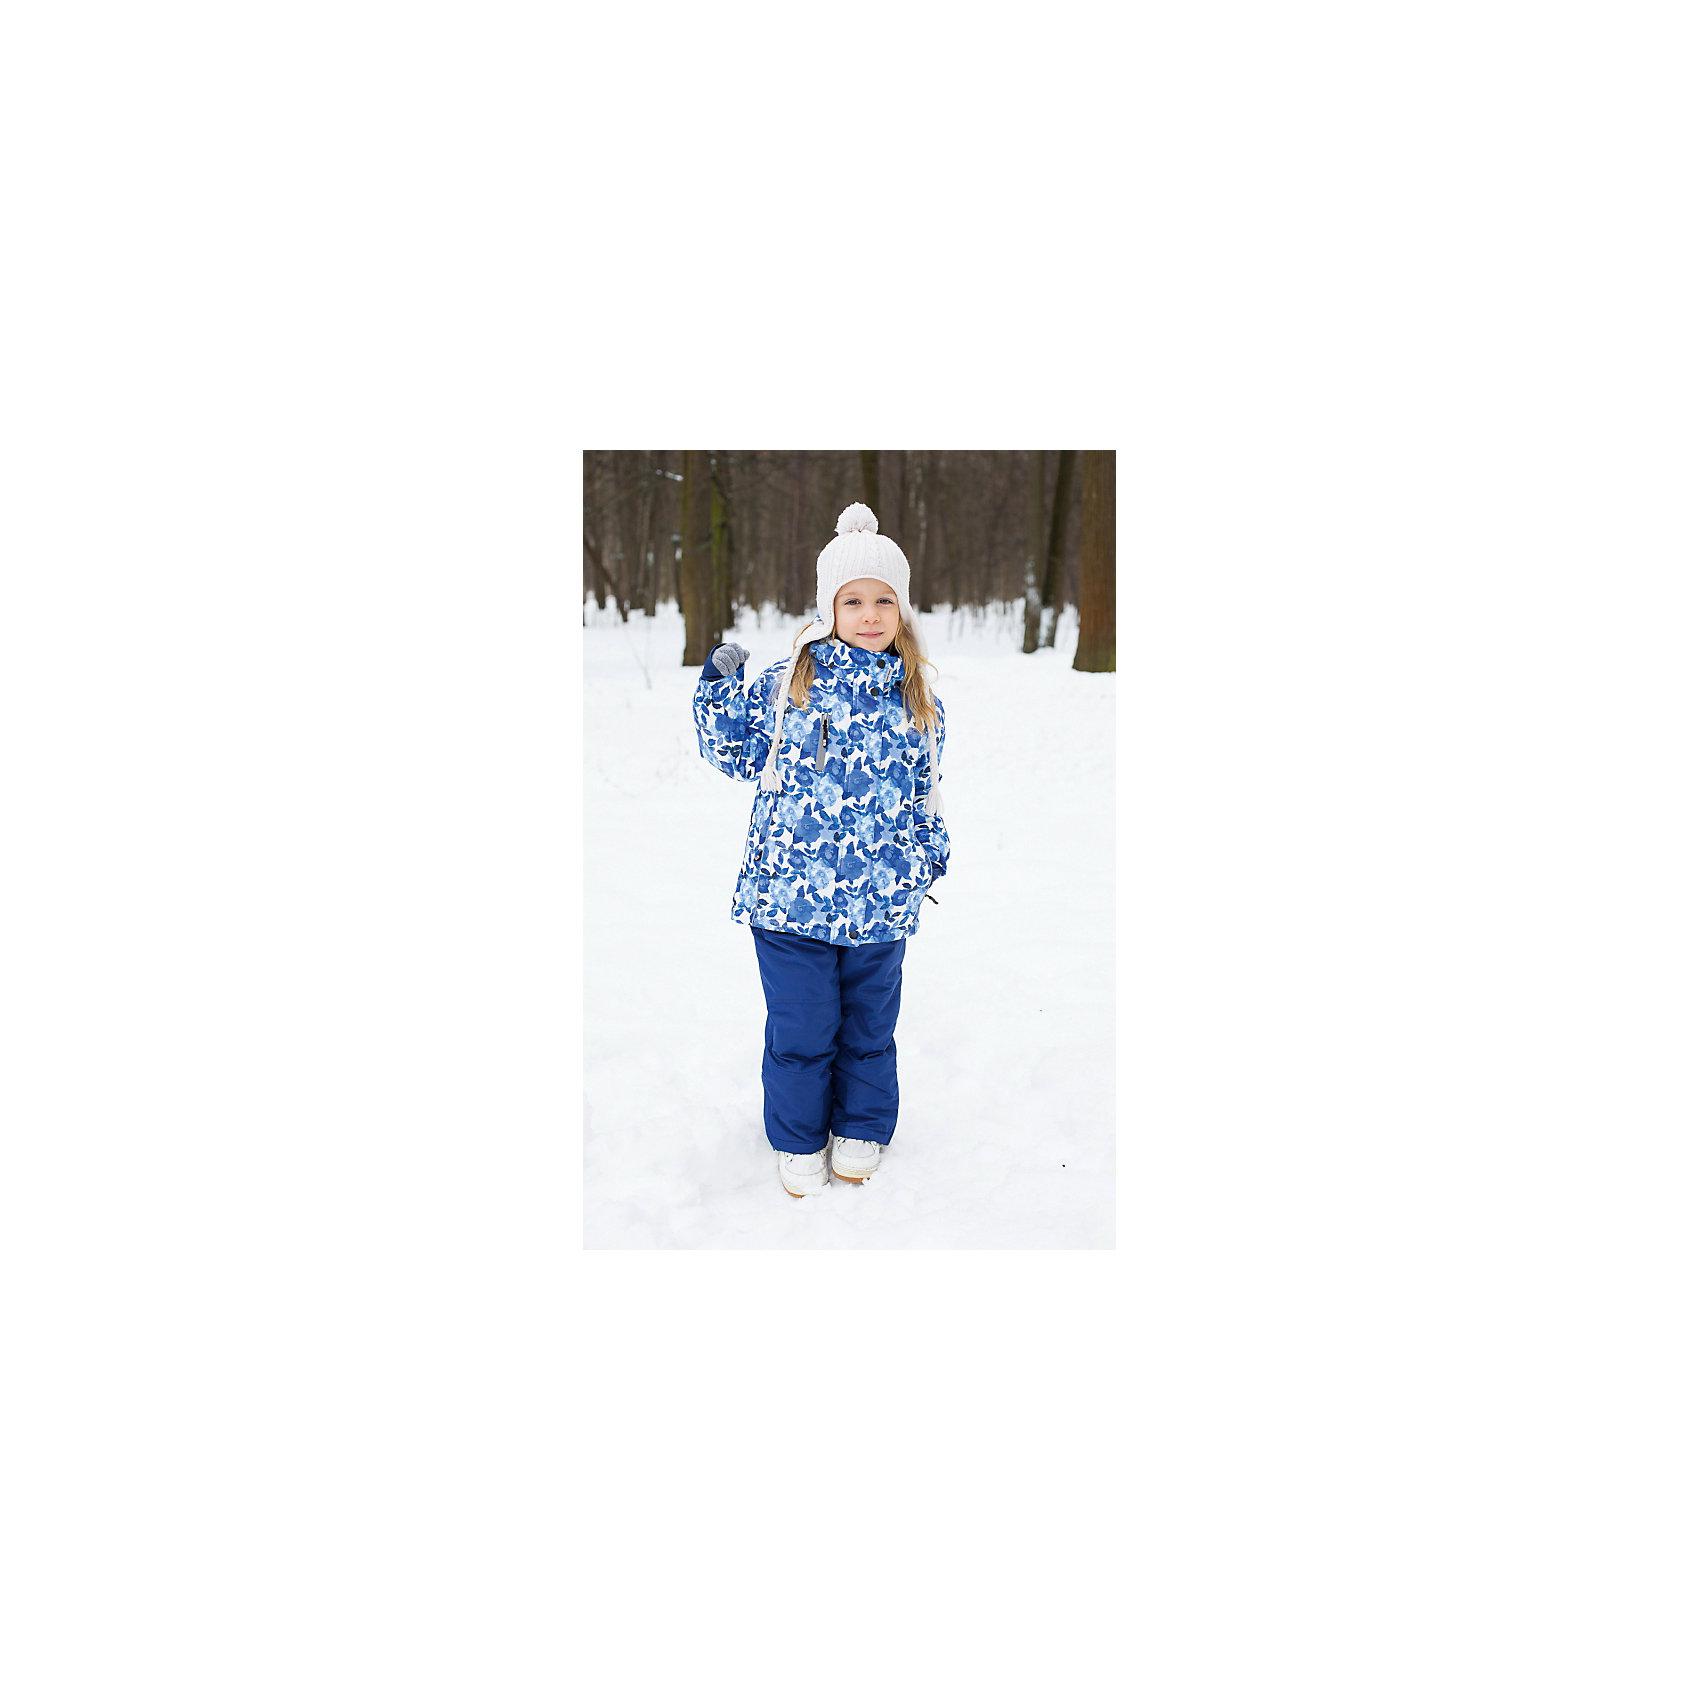 Комплект для девочки: куртка и брюки Sweet BerryВерхняя одежда<br>Комплект для девочки: куртка и брюки от известного бренда Sweet Berry<br>Яркий комплект для девочек из  мембранной, водонепроницаемой (Waterproof - 10000мм), дышащей ( water vapor transmission rate, WVTR -10000гг)  ткани, с грязеотталкивающей пропиткой.   Съемный капюшон на молнии регулируется резинкой со стоппером. Внутренняя часть низа брюк выполнена из усиленной ткани.  Рукава с дополнительной манжетой с вырезом для пальца. Отделка светоотражающим кантом. Две ветрозащитные планки. Внутри подкладка флис,  внутренний карман и снегозащитная юбка. Брюки на регулируемых лямках из эластичной резинки. Внизу штанин имеются внутренние манжеты  на прорезиненной эластичной резинке.  Утеплитель 200гр.-тело, 180гр.-рукава, полукомбинезон.<br>Состав:<br>Верх: куртка: 100%полиэстер, брюки: 100%полиэстер.  Подкладка: 100%полиэстер. Наполнитель: 100%полиэстер<br><br>Ширина мм: 215<br>Глубина мм: 88<br>Высота мм: 191<br>Вес г: 336<br>Цвет: синий<br>Возраст от месяцев: 48<br>Возраст до месяцев: 60<br>Пол: Женский<br>Возраст: Детский<br>Размер: 110,104,116,122,128,134,92,98<br>SKU: 4960094